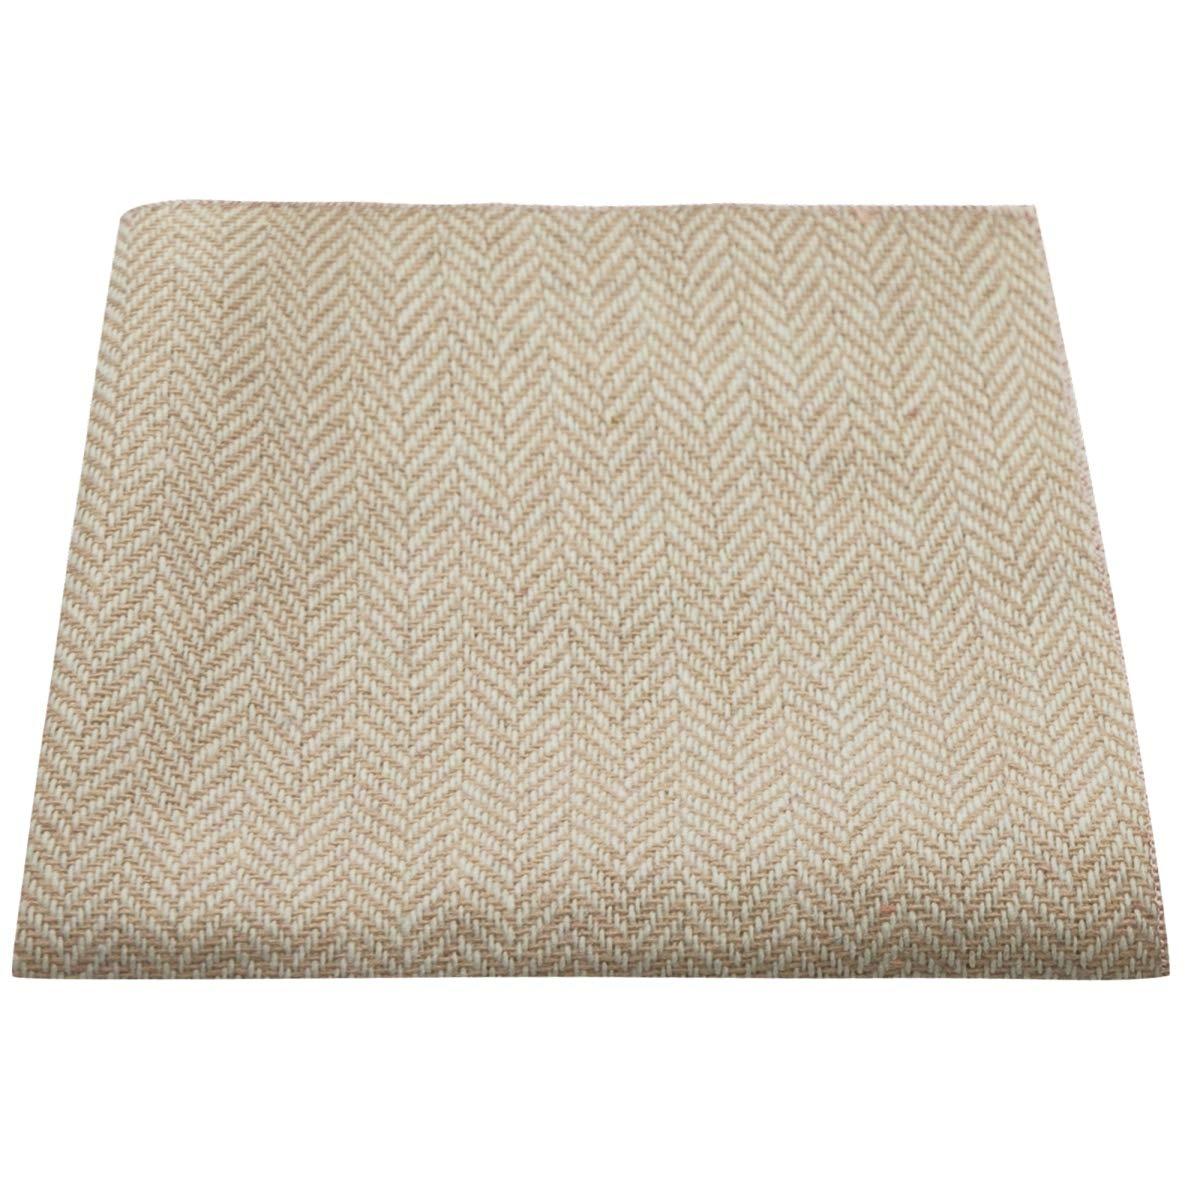 Fazzoletto da taschino color argento e crema in tessuto esclusivo con disegno a spina di pesce Pochette